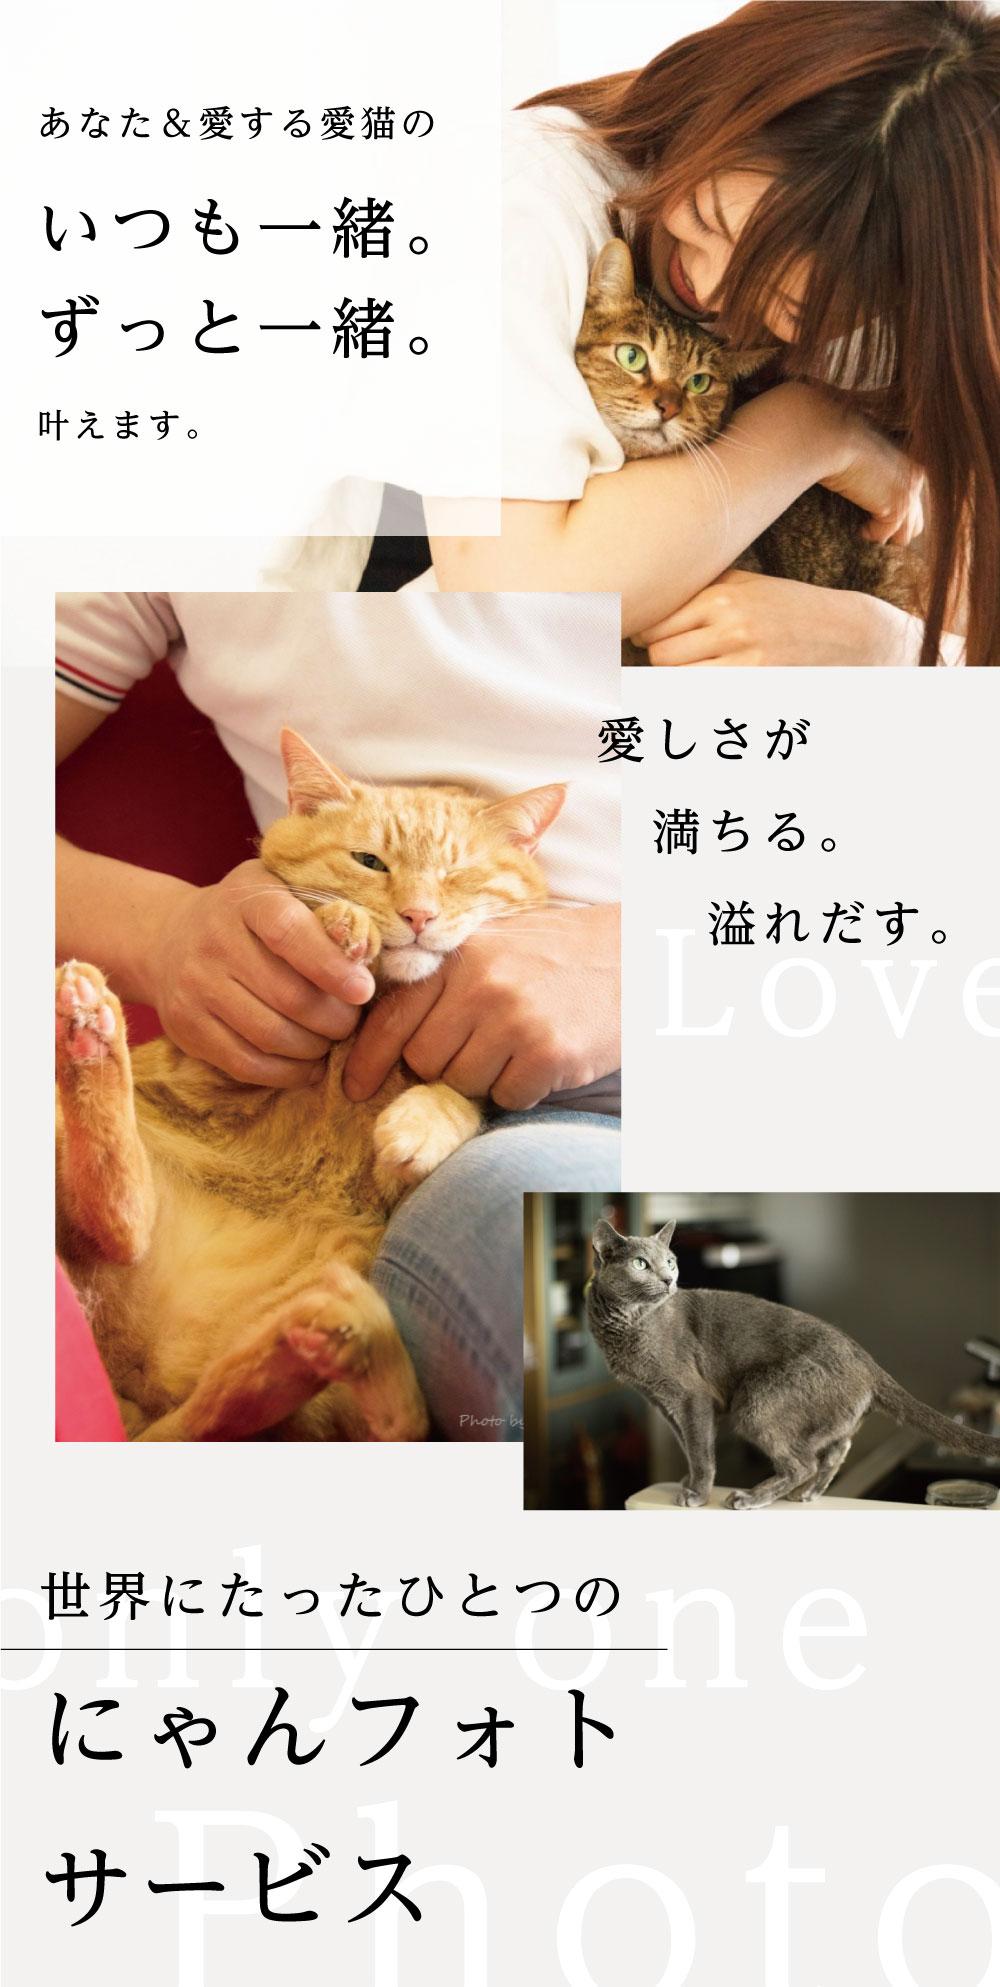 あなた&愛猫のいつも一緒。ずっと一緒。を叶えます。愛しさが満ちる。溢れ出す。世界にたったひとつのにゃんフォトサービス